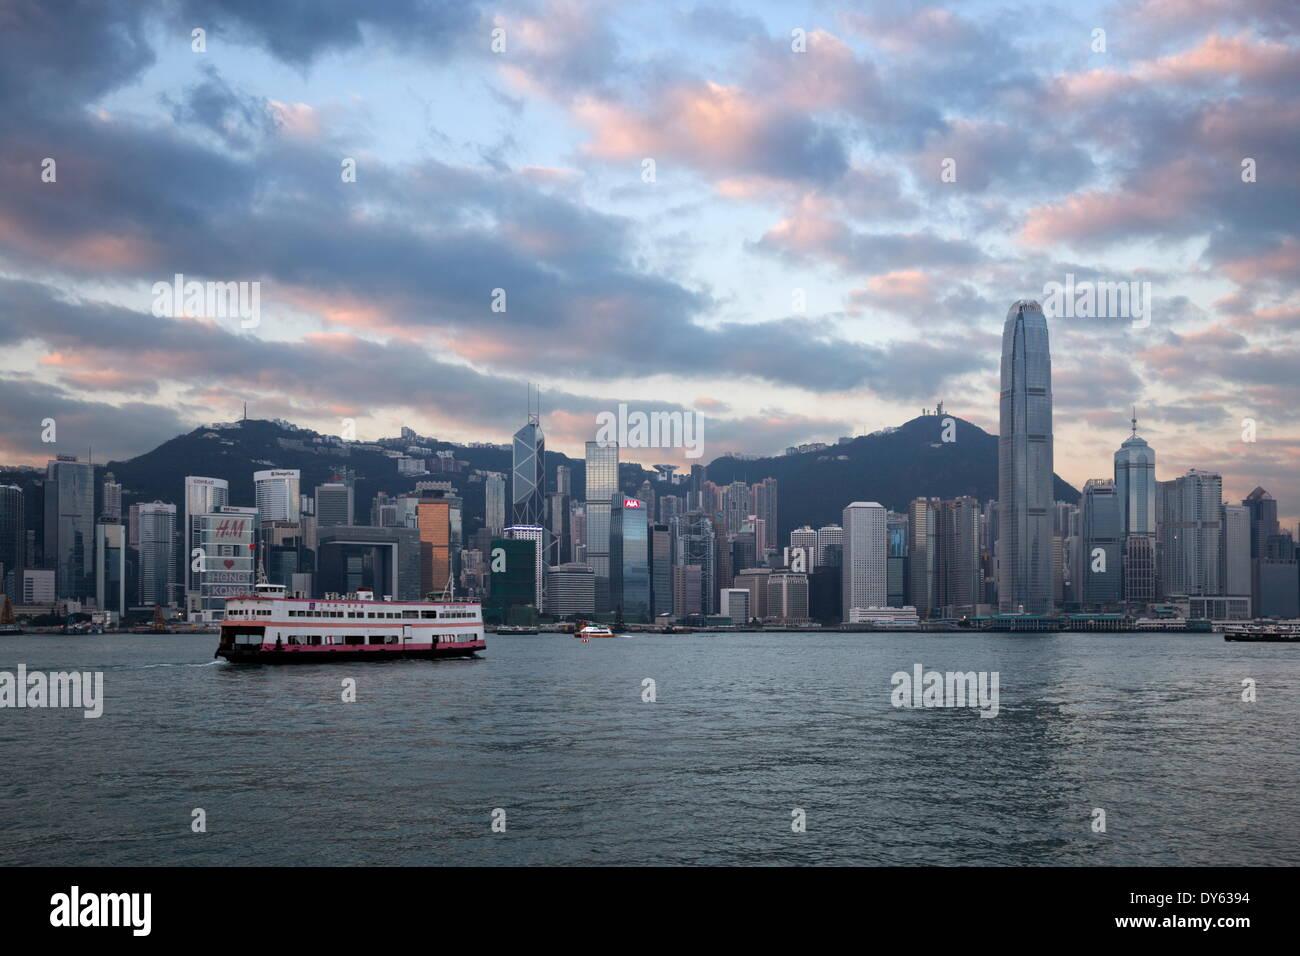 Vue sur le port de Victoria sur l'île de Hong Kong et le pic au crépuscule, Hong Kong, Chine, Asie Banque D'Images